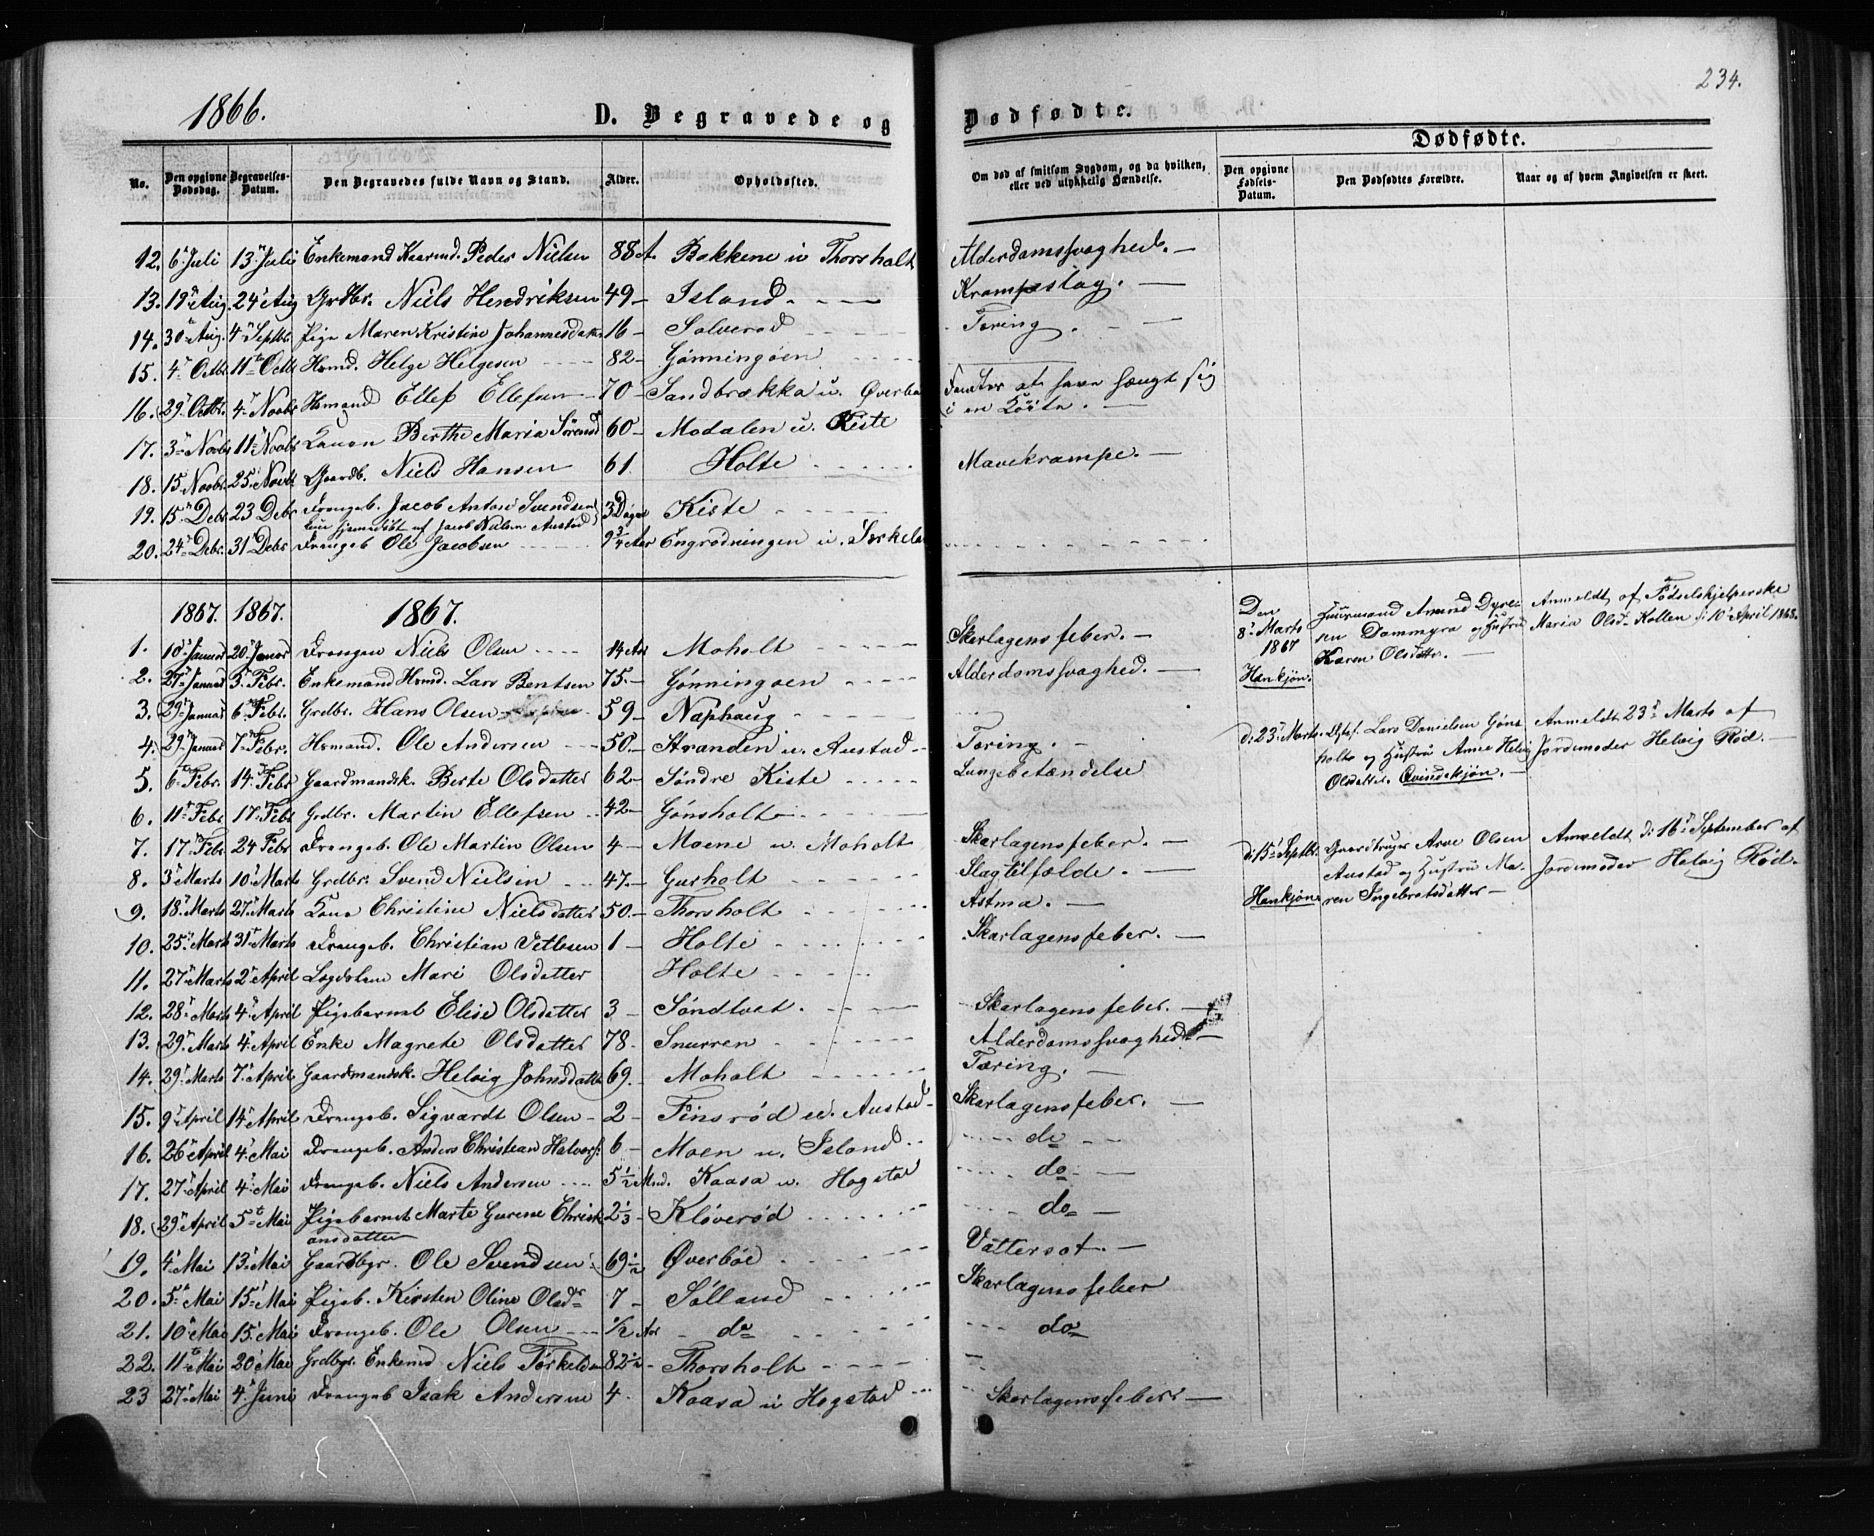 SAKO, Siljan kirkebøker, G/Ga/L0002: Klokkerbok nr. 2, 1864-1908, s. 234